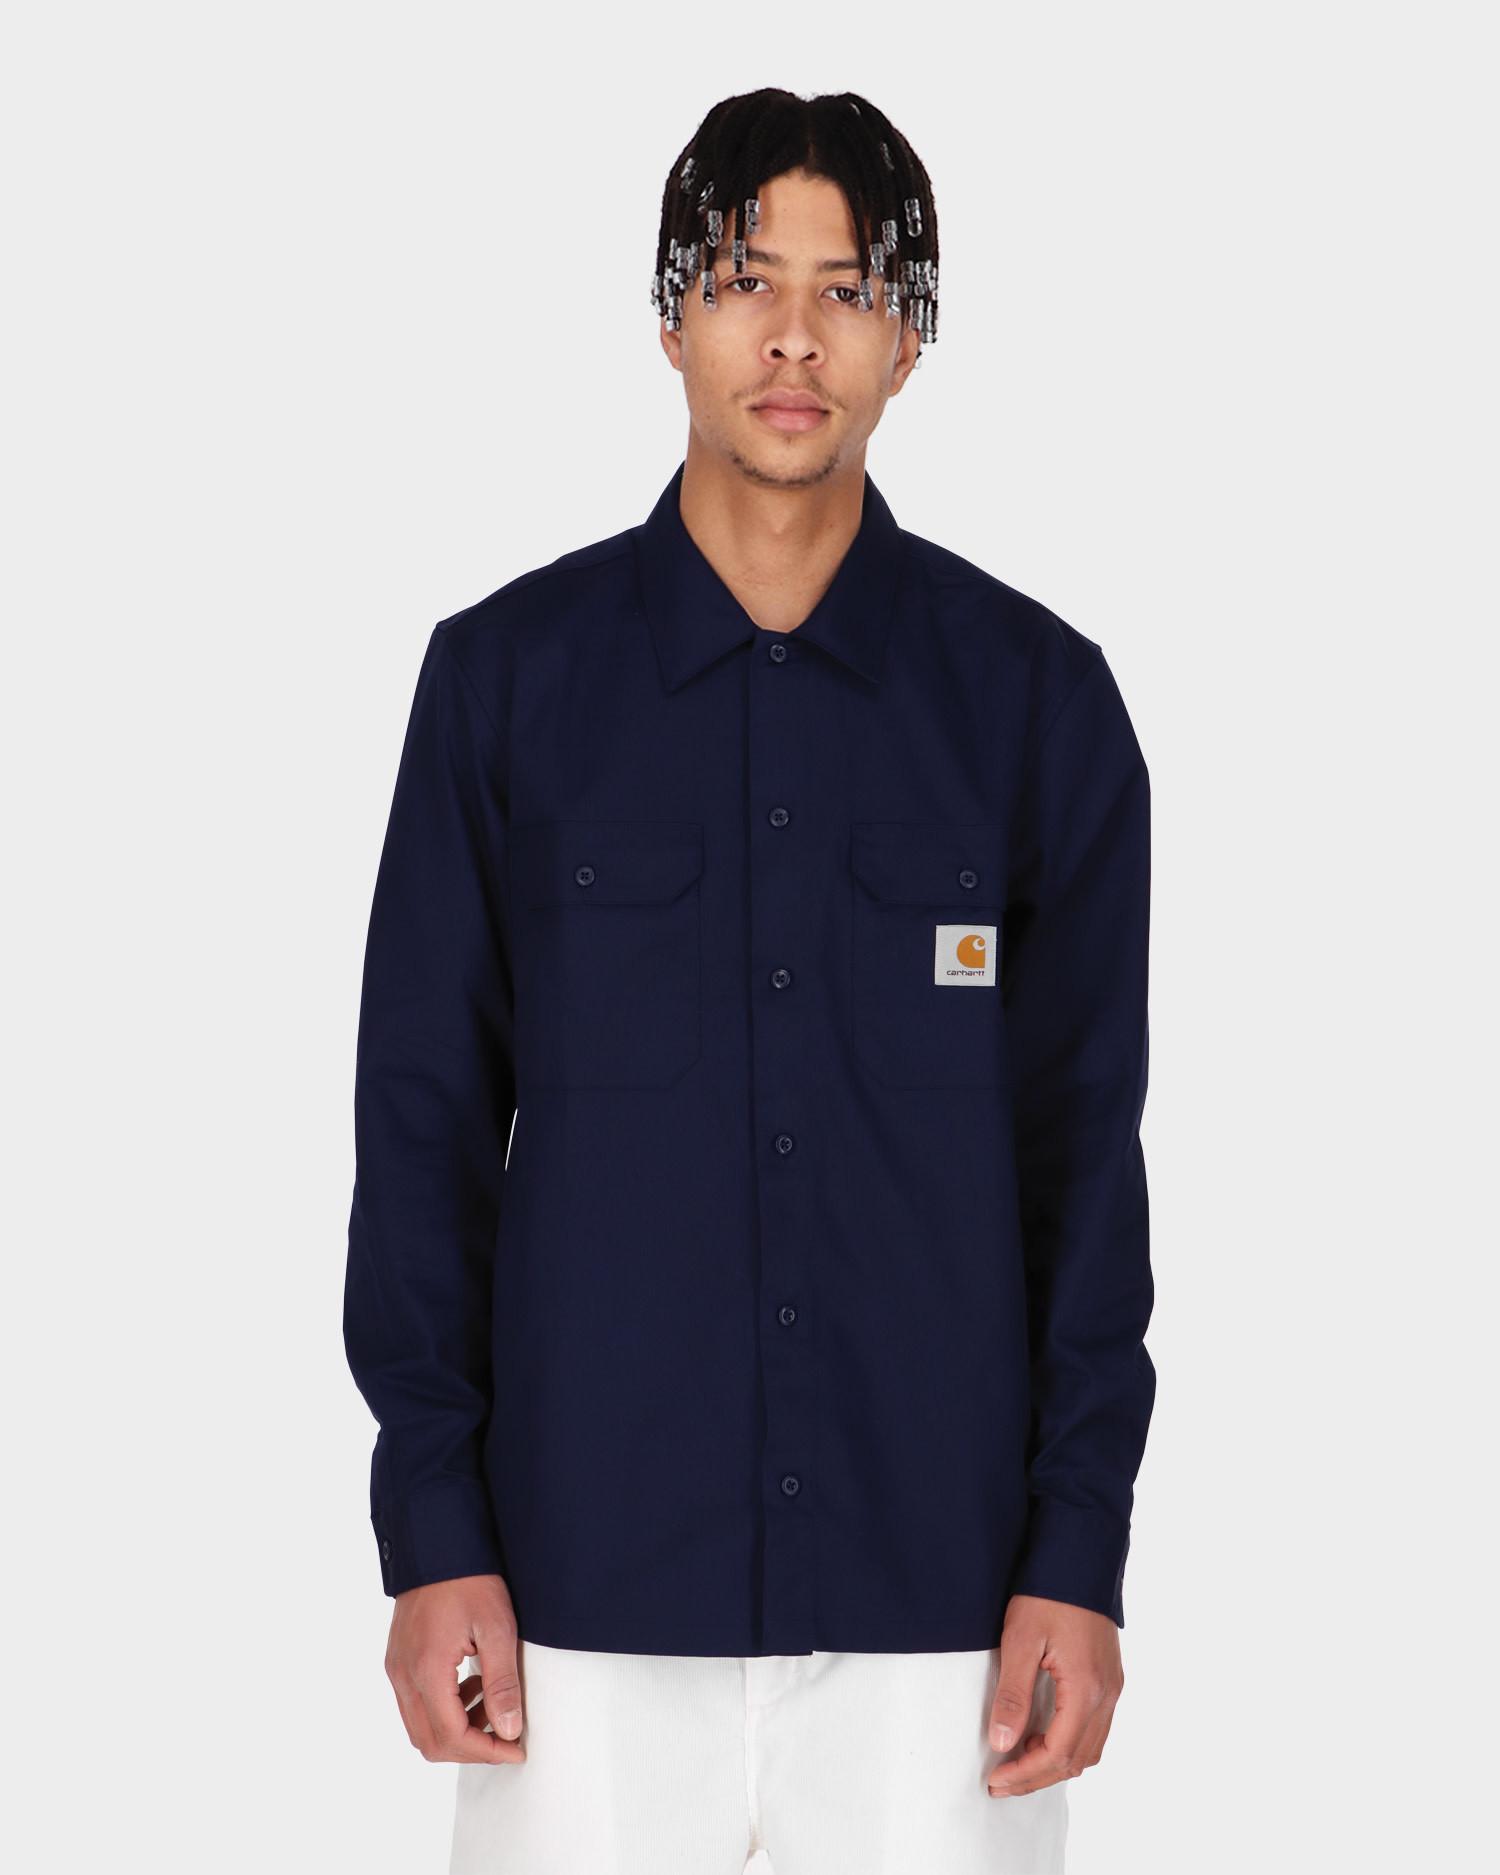 Carhartt Master Shirt Space